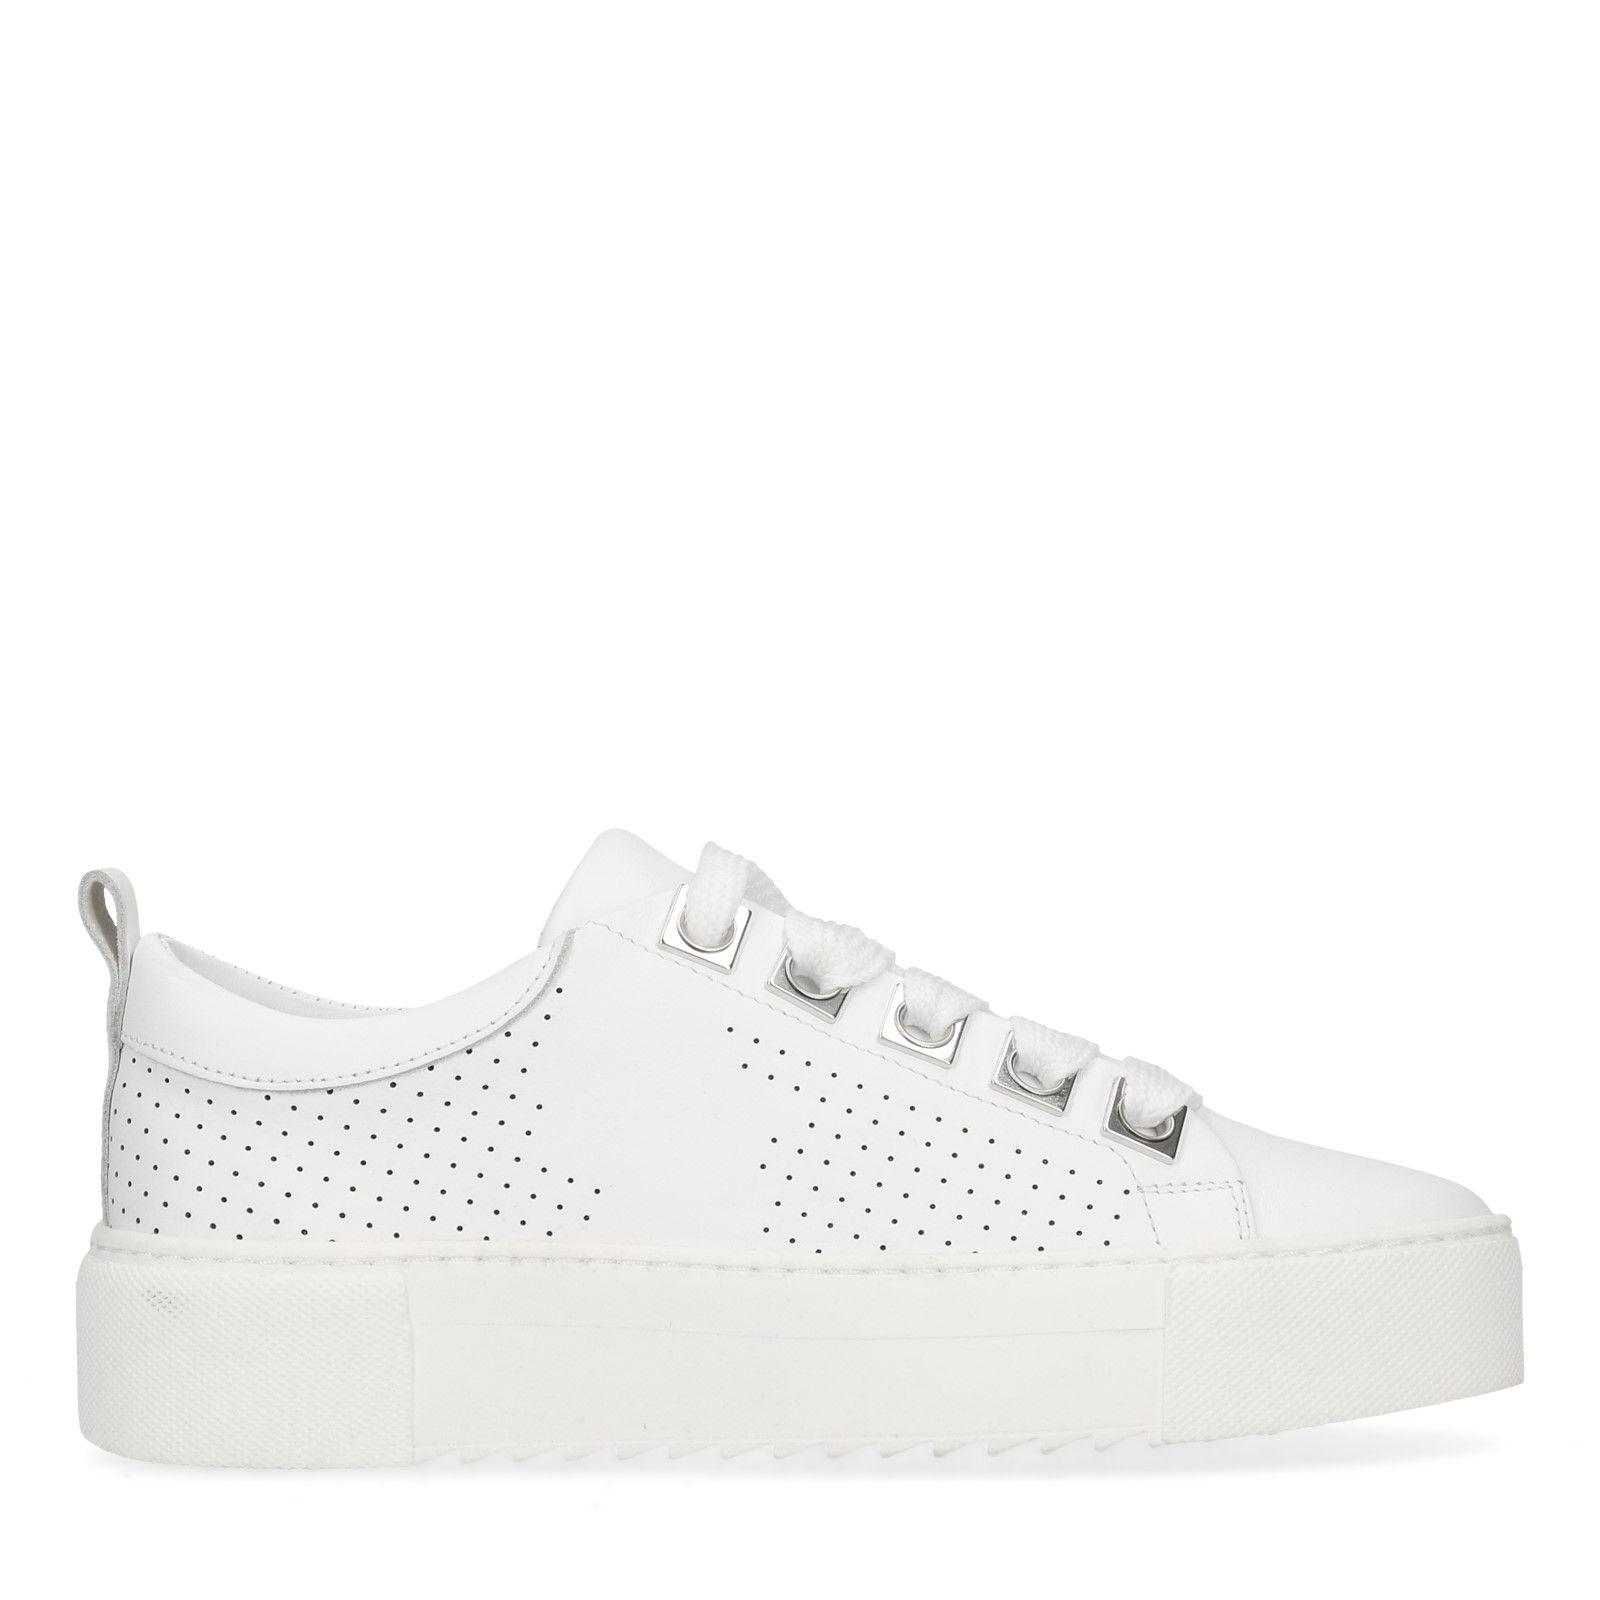 9e01e8579c0a97 Weiße Leder-Sneaker